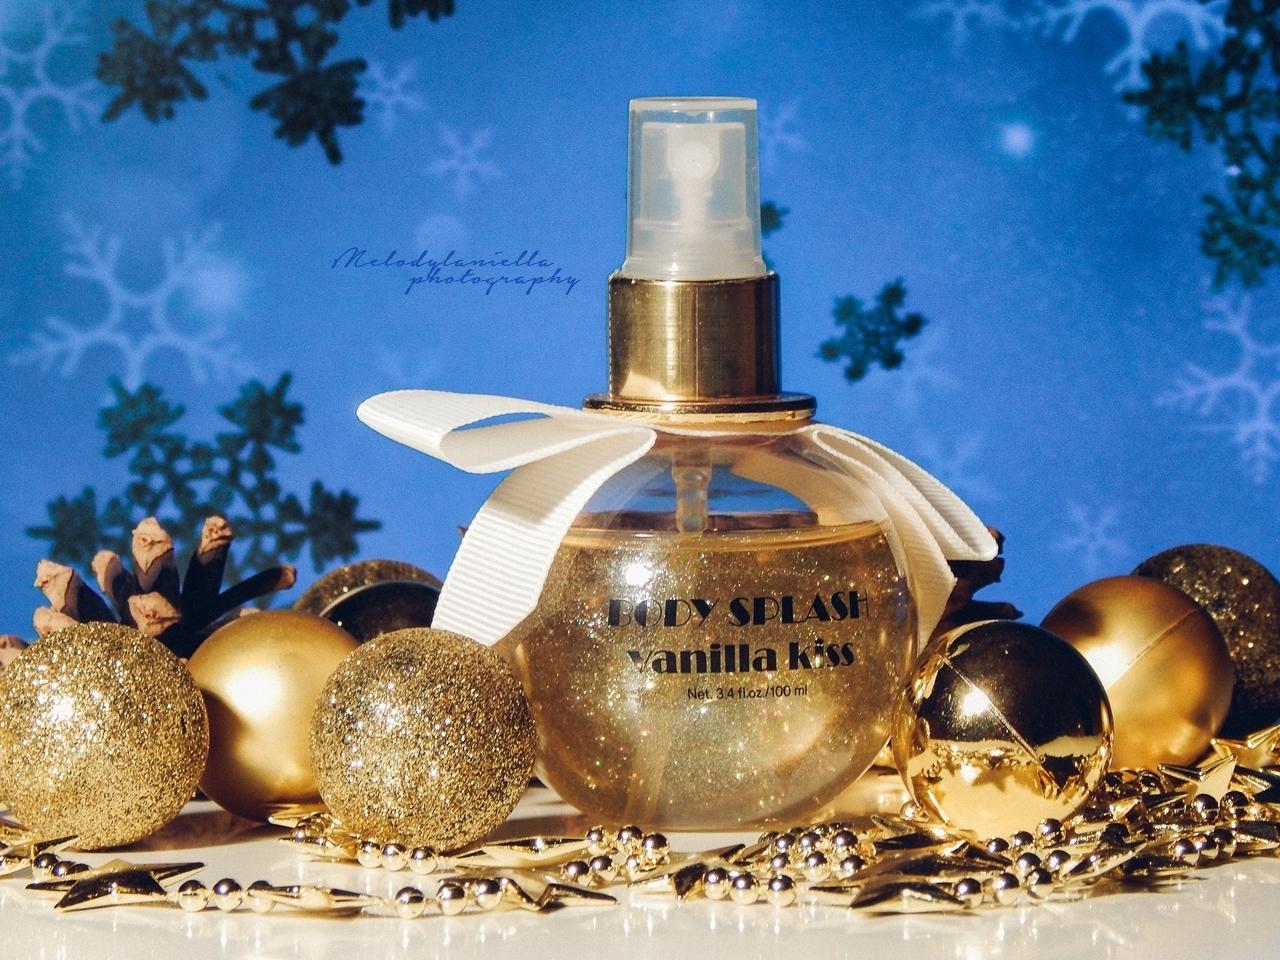 vanilia kiss h and m body splash mgielka o zapachu waniliowym aromat swiat hm mgielka do ciala z drobinkami brokatu prezent